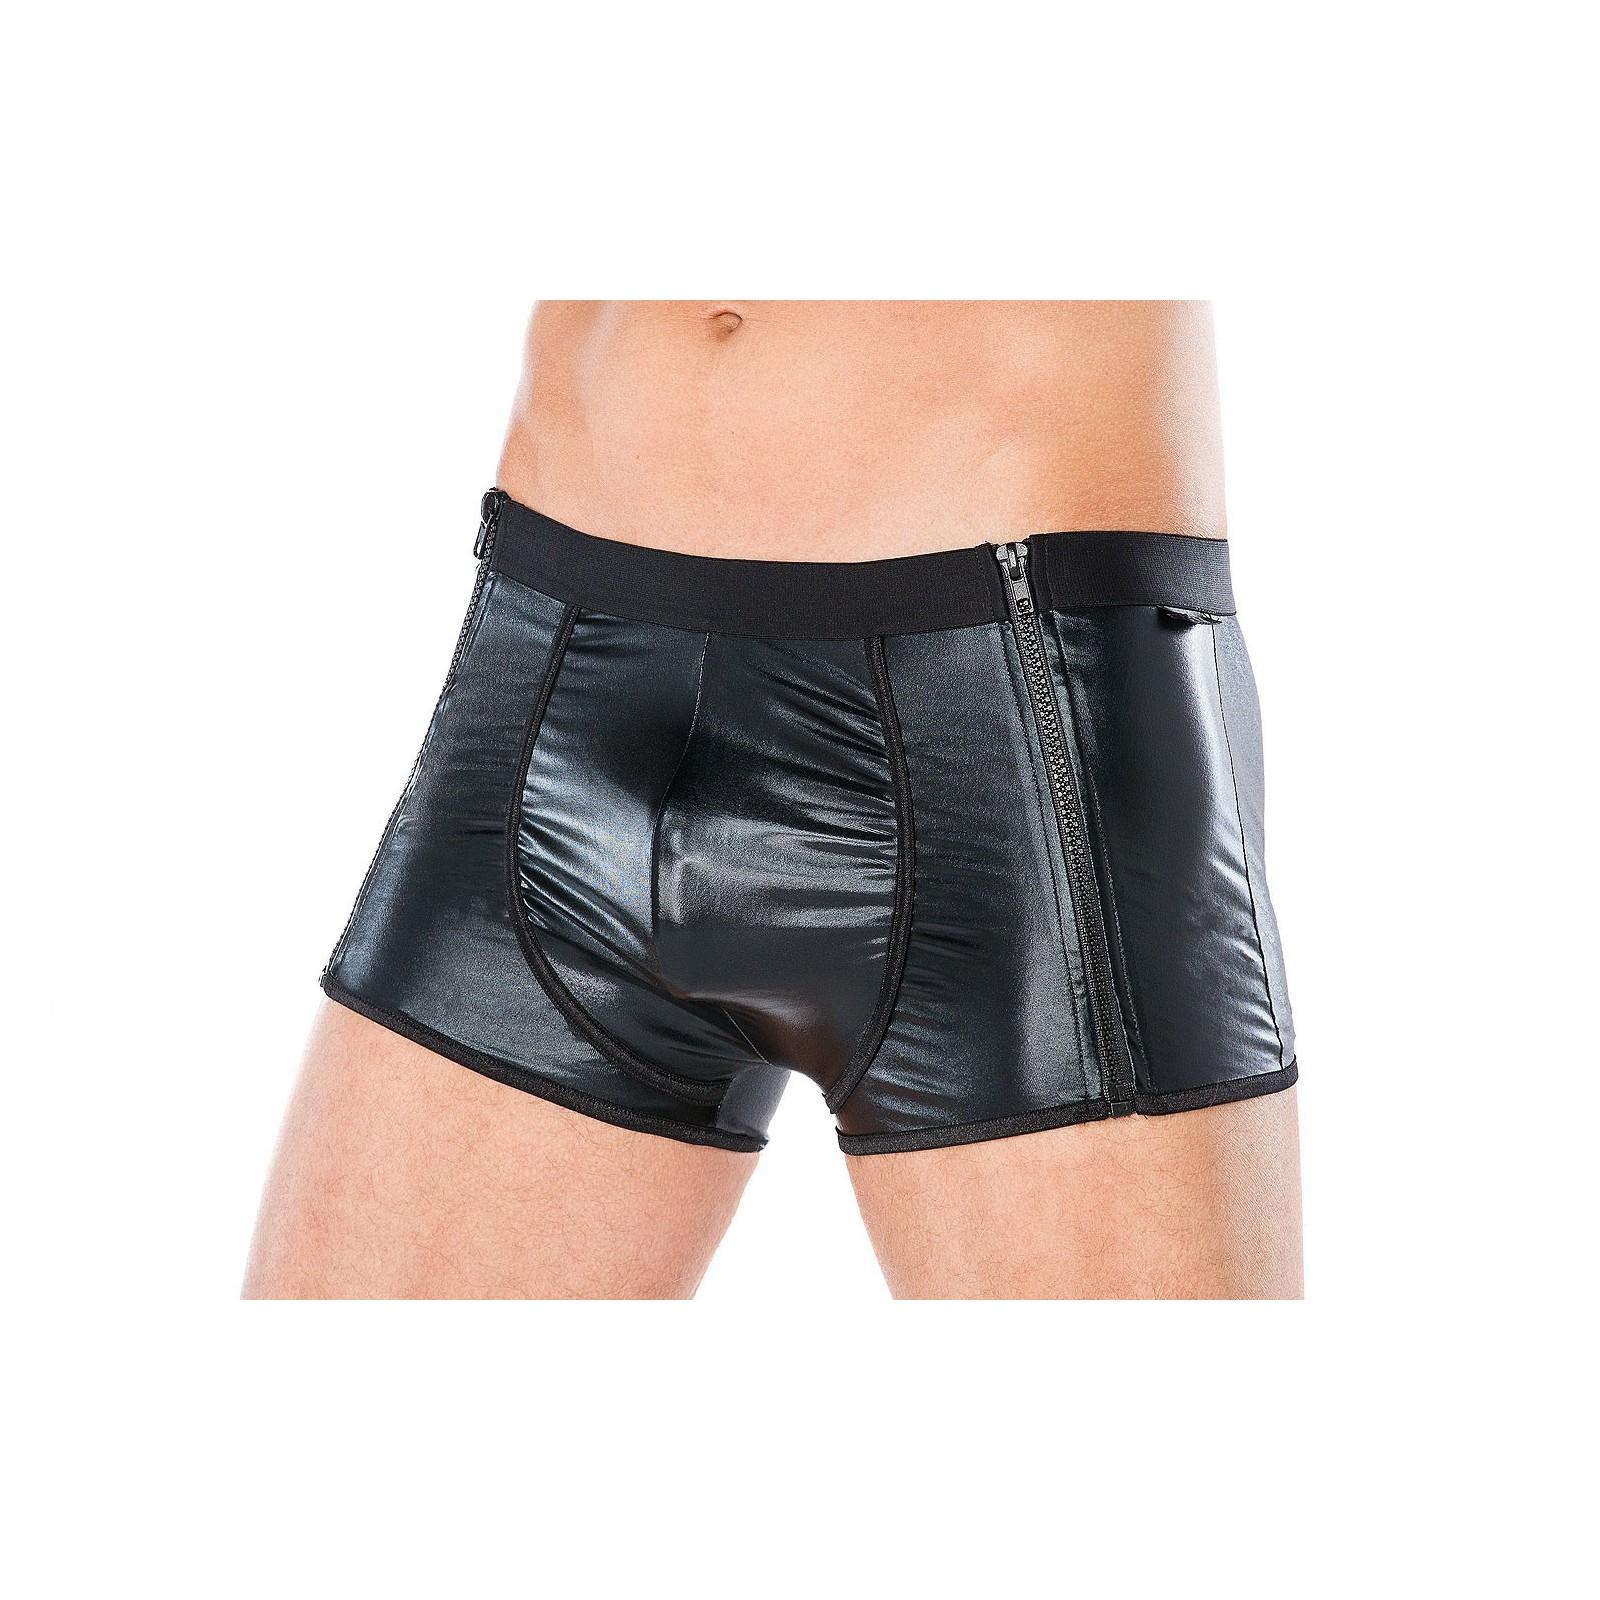 Boxershorts schwarz MC/9052 - 1 - Vorschaubild